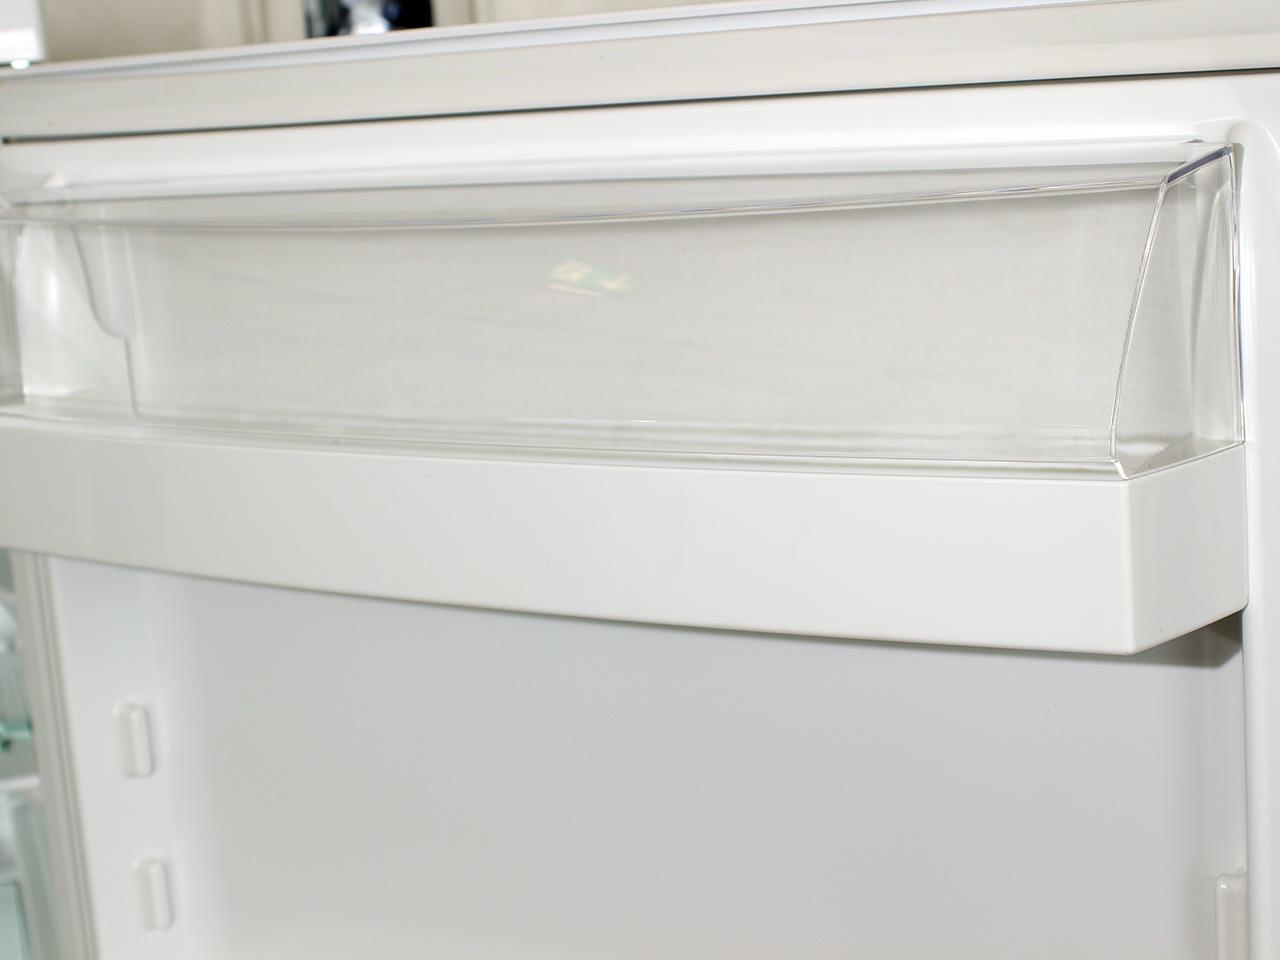 154 cm privileg stand k hl gefrier kombination eek a ko energiesparer 4 gefrie ebay. Black Bedroom Furniture Sets. Home Design Ideas